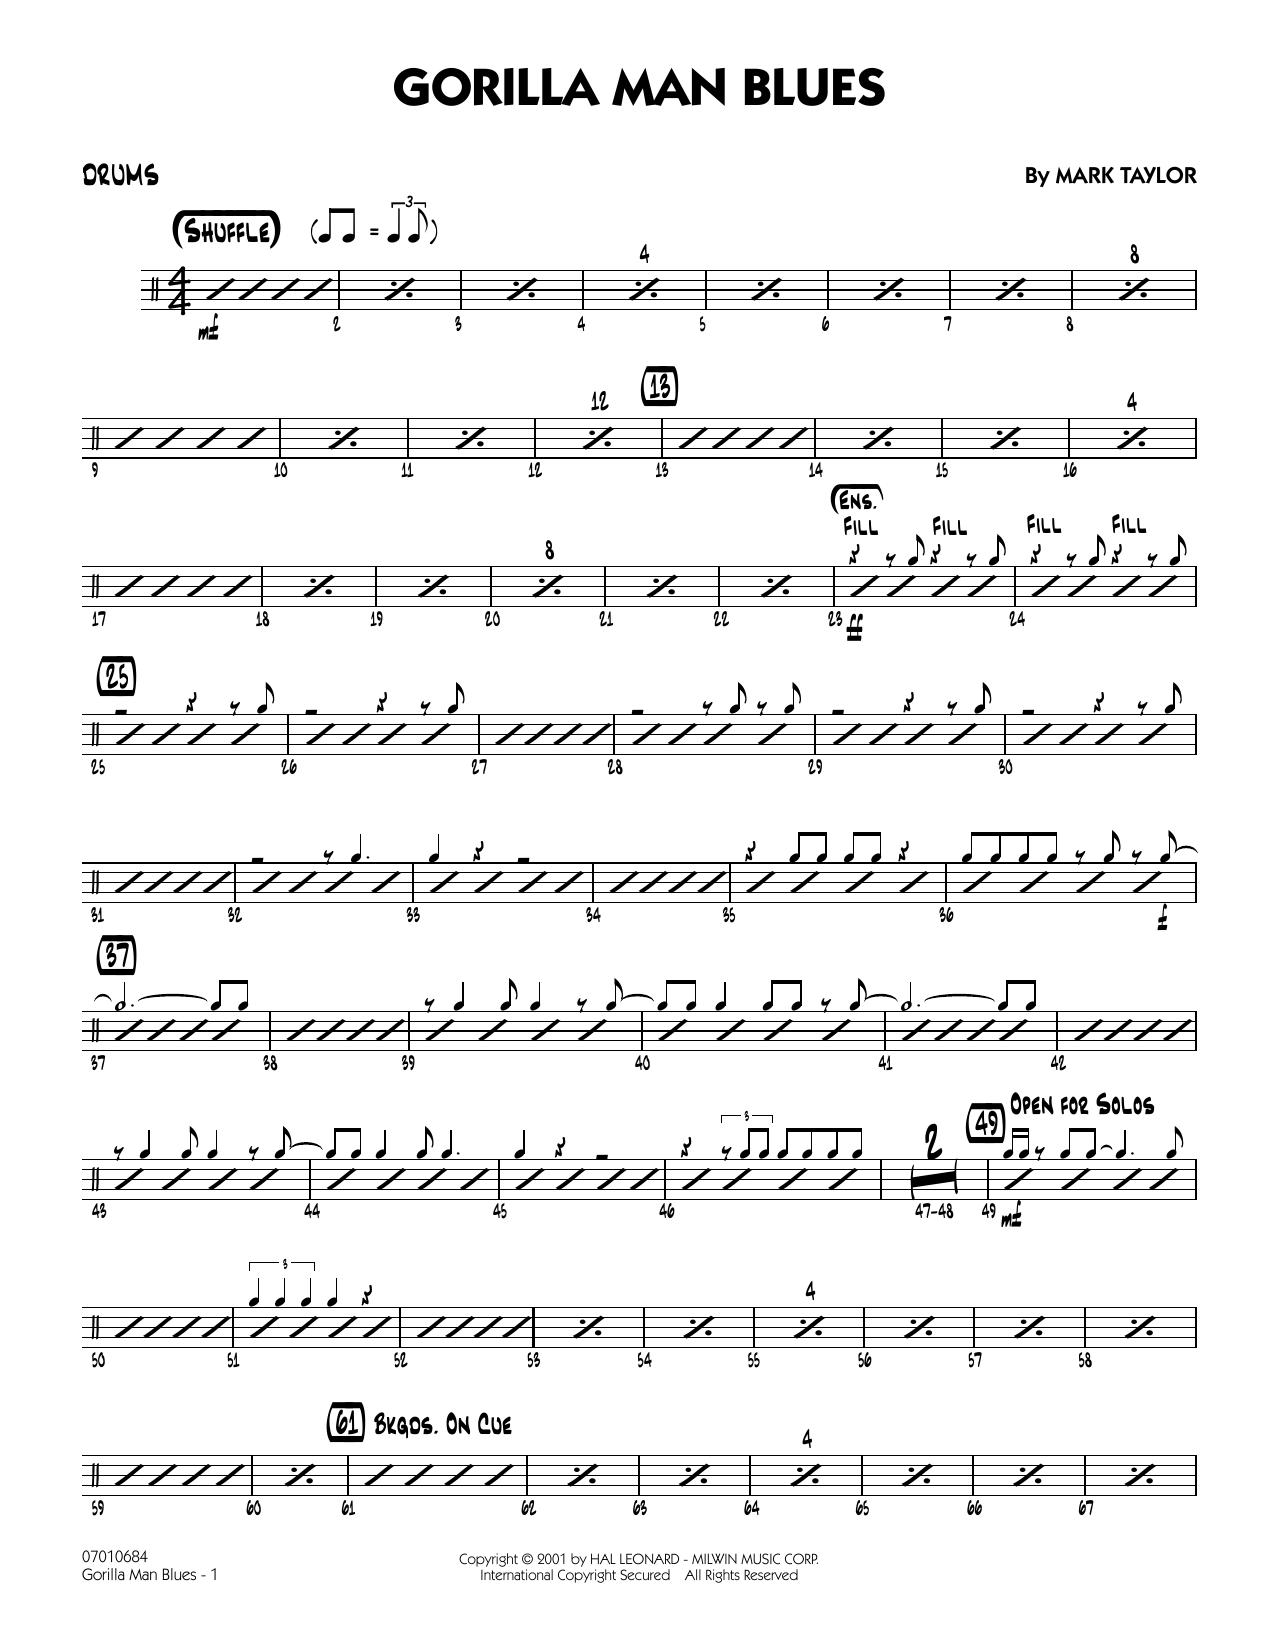 Gorilla Man Blues - Drums Sheet Music